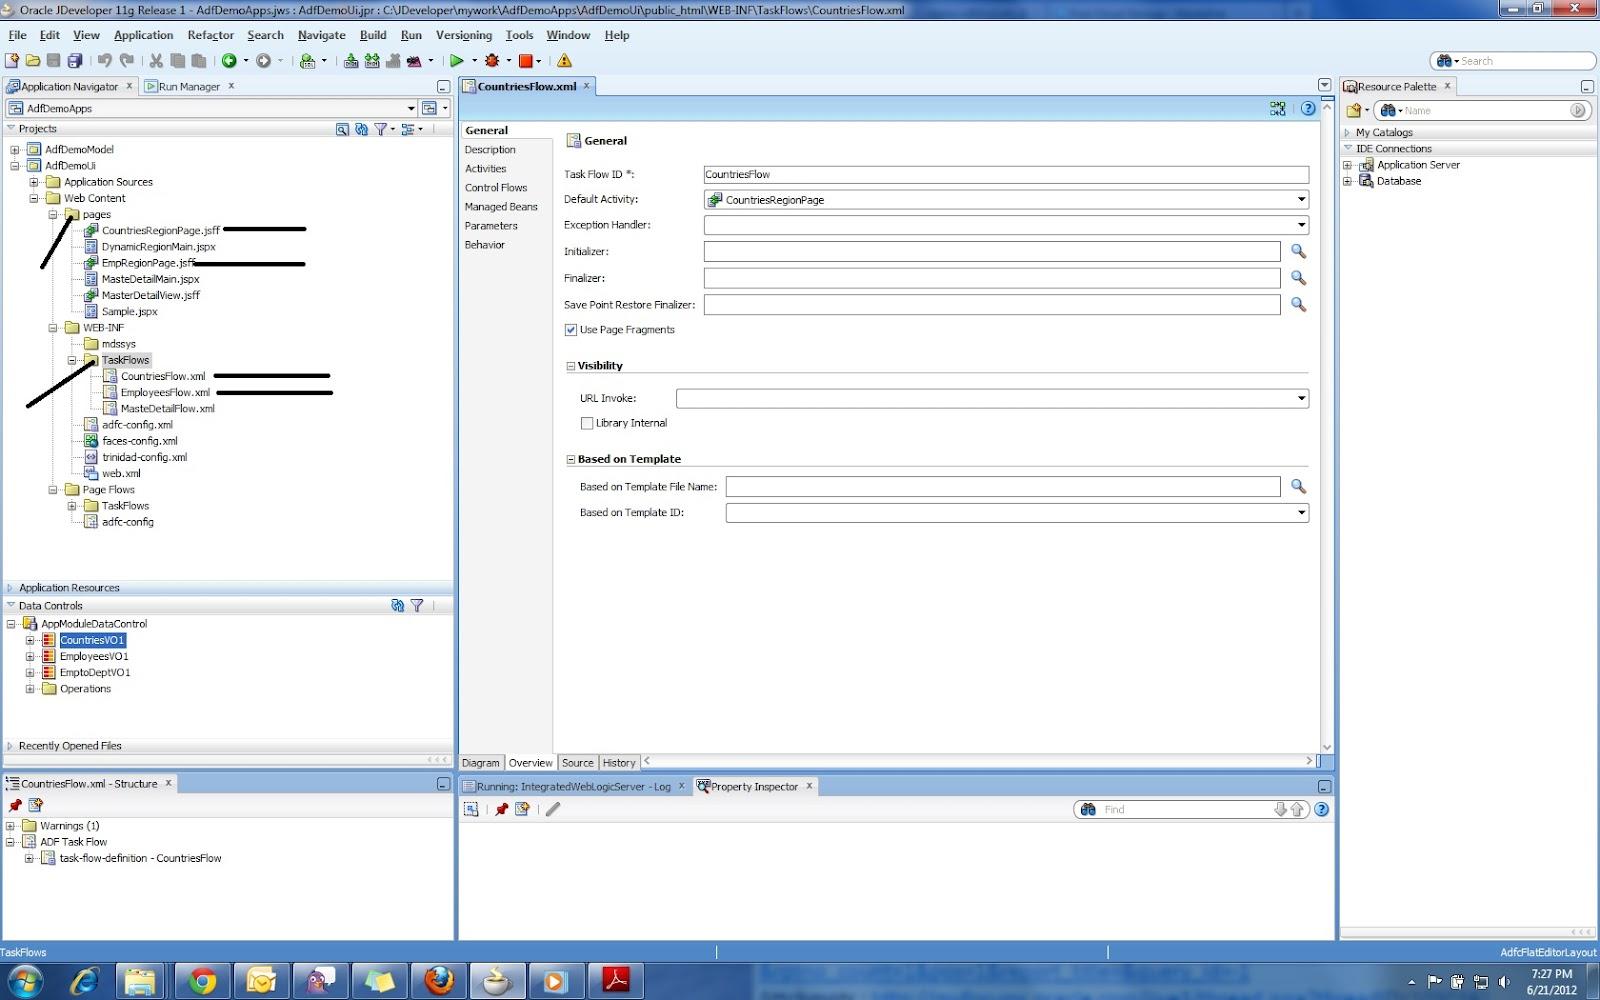 Oracle ADF Step by Step Guide - Oracle ADF Tutorial: ADF